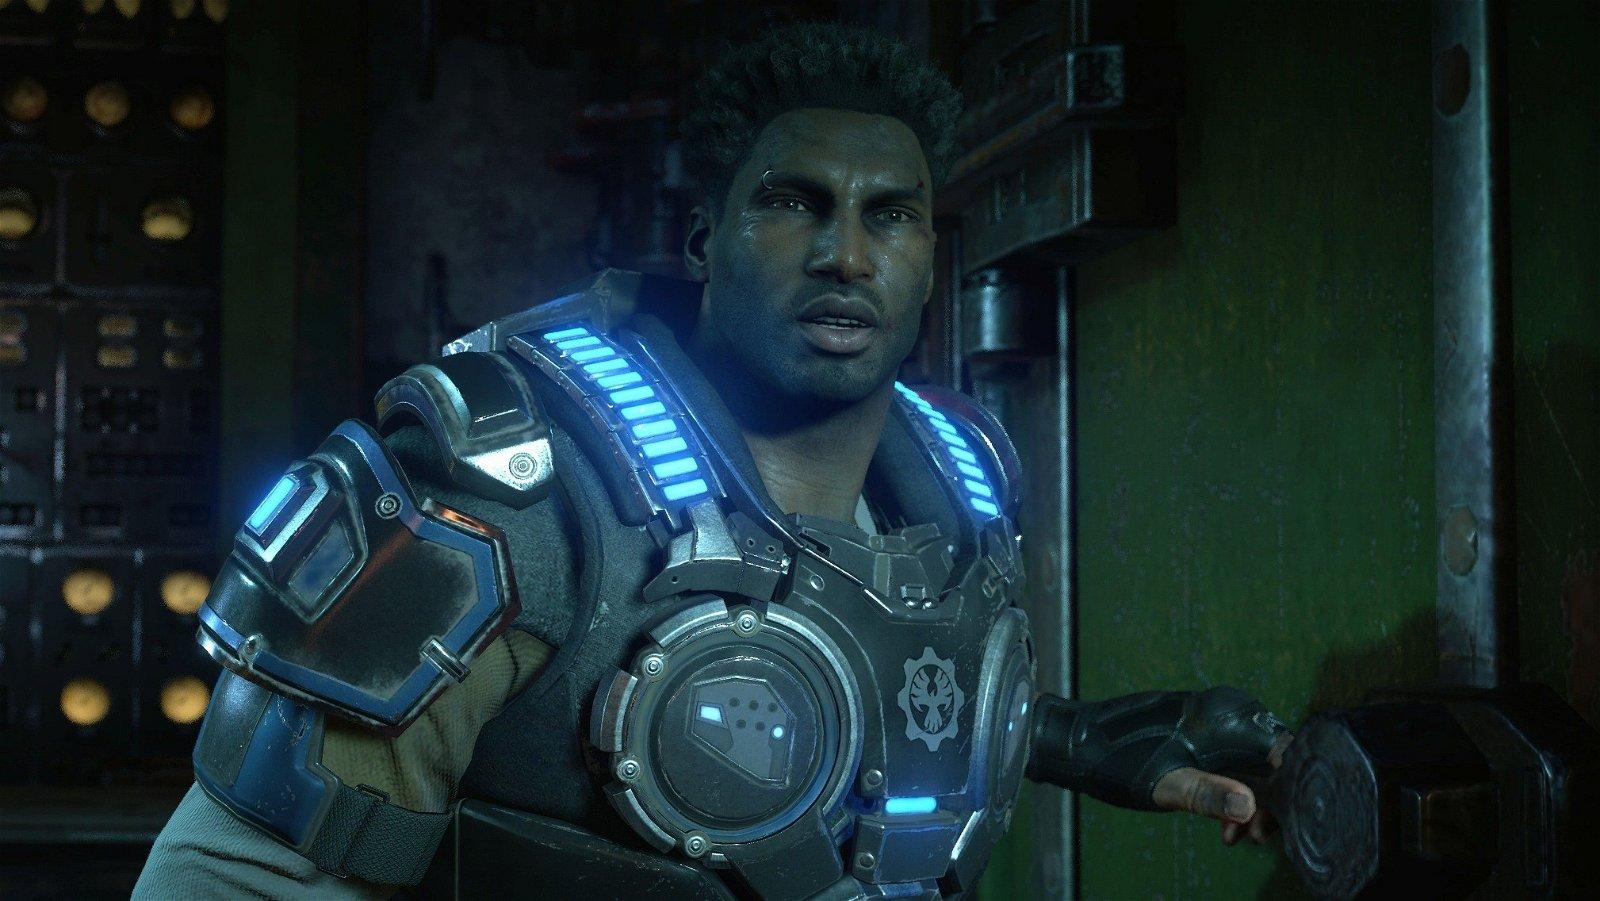 Gears of War podría tener futuras entregas alejadas del género shooter